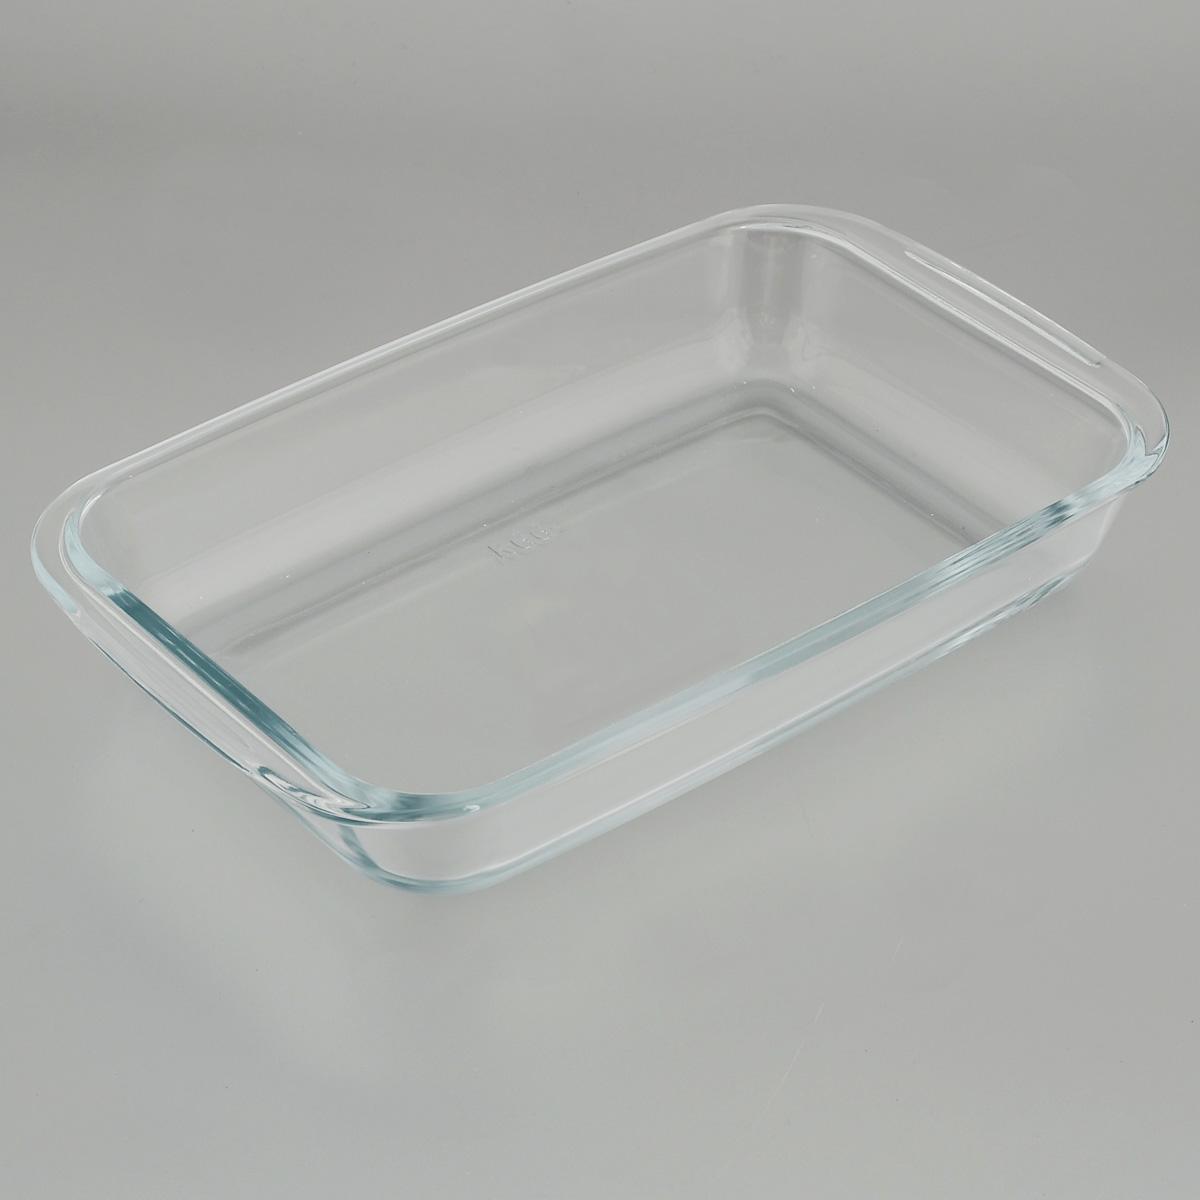 Форма для запекания Едим Дома, прямоугольная, 23 см х 15 смPV7Прямоугольная форма для запекания Едим Дома изготовлена из жаропрочного стекла, которое выдерживает температуру до +450°С. Форма предназначена для приготовления горячих блюд. Оснащена двумя ручками. Материал изделия гигиеничен, прост в уходе и обладает высокой степенью прочности. Форма идеально подходит для использования в духовках, микроволновых печах, холодильниках и морозильных камерах. Также ее можно использовать на газовых плитах (на слабом огне) и на электроплитах. Можно мыть в посудомоечной машине.Внутренний размер формы: 19,5 см х 15 см.Внешний размер формы (с учетом ручек): 23 см х 15 см. Высота стенки формы: 4 см.